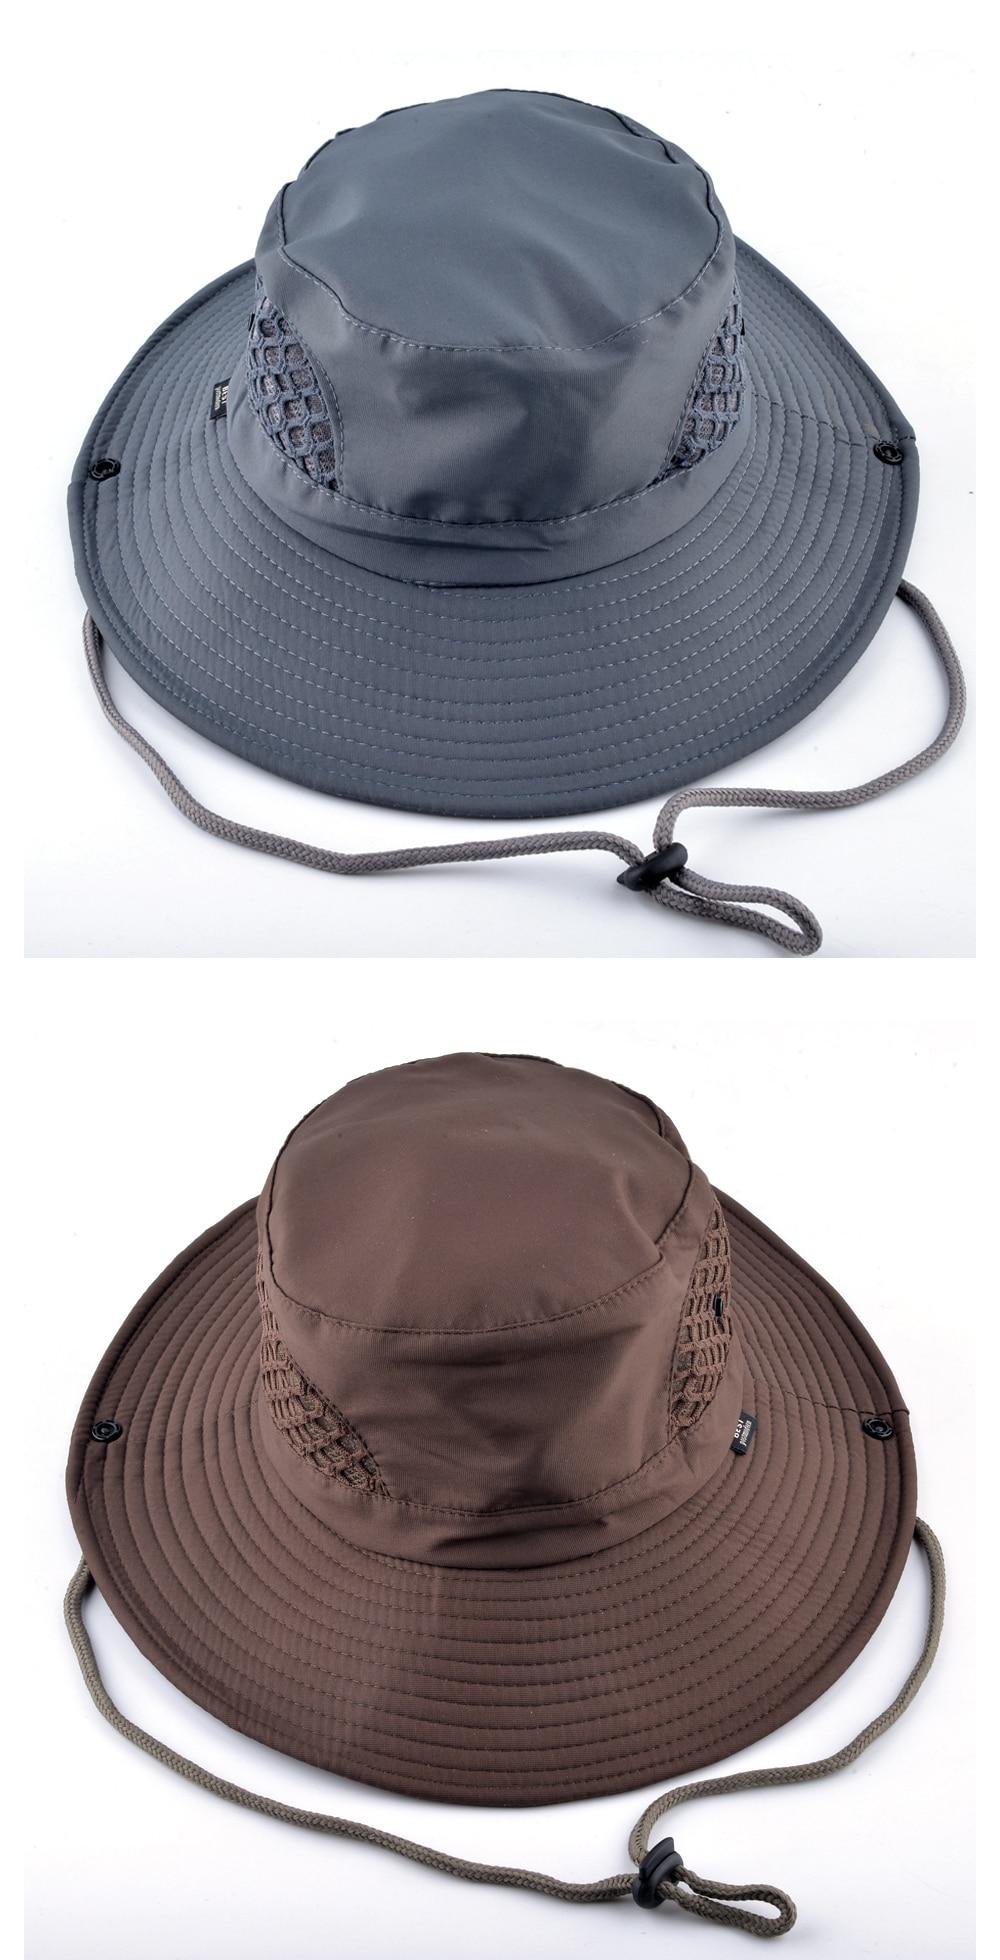 Noir Chapeau de Pêcheur Grec Automne Hiver Unisexe Coiffure Hot Casquette Marine